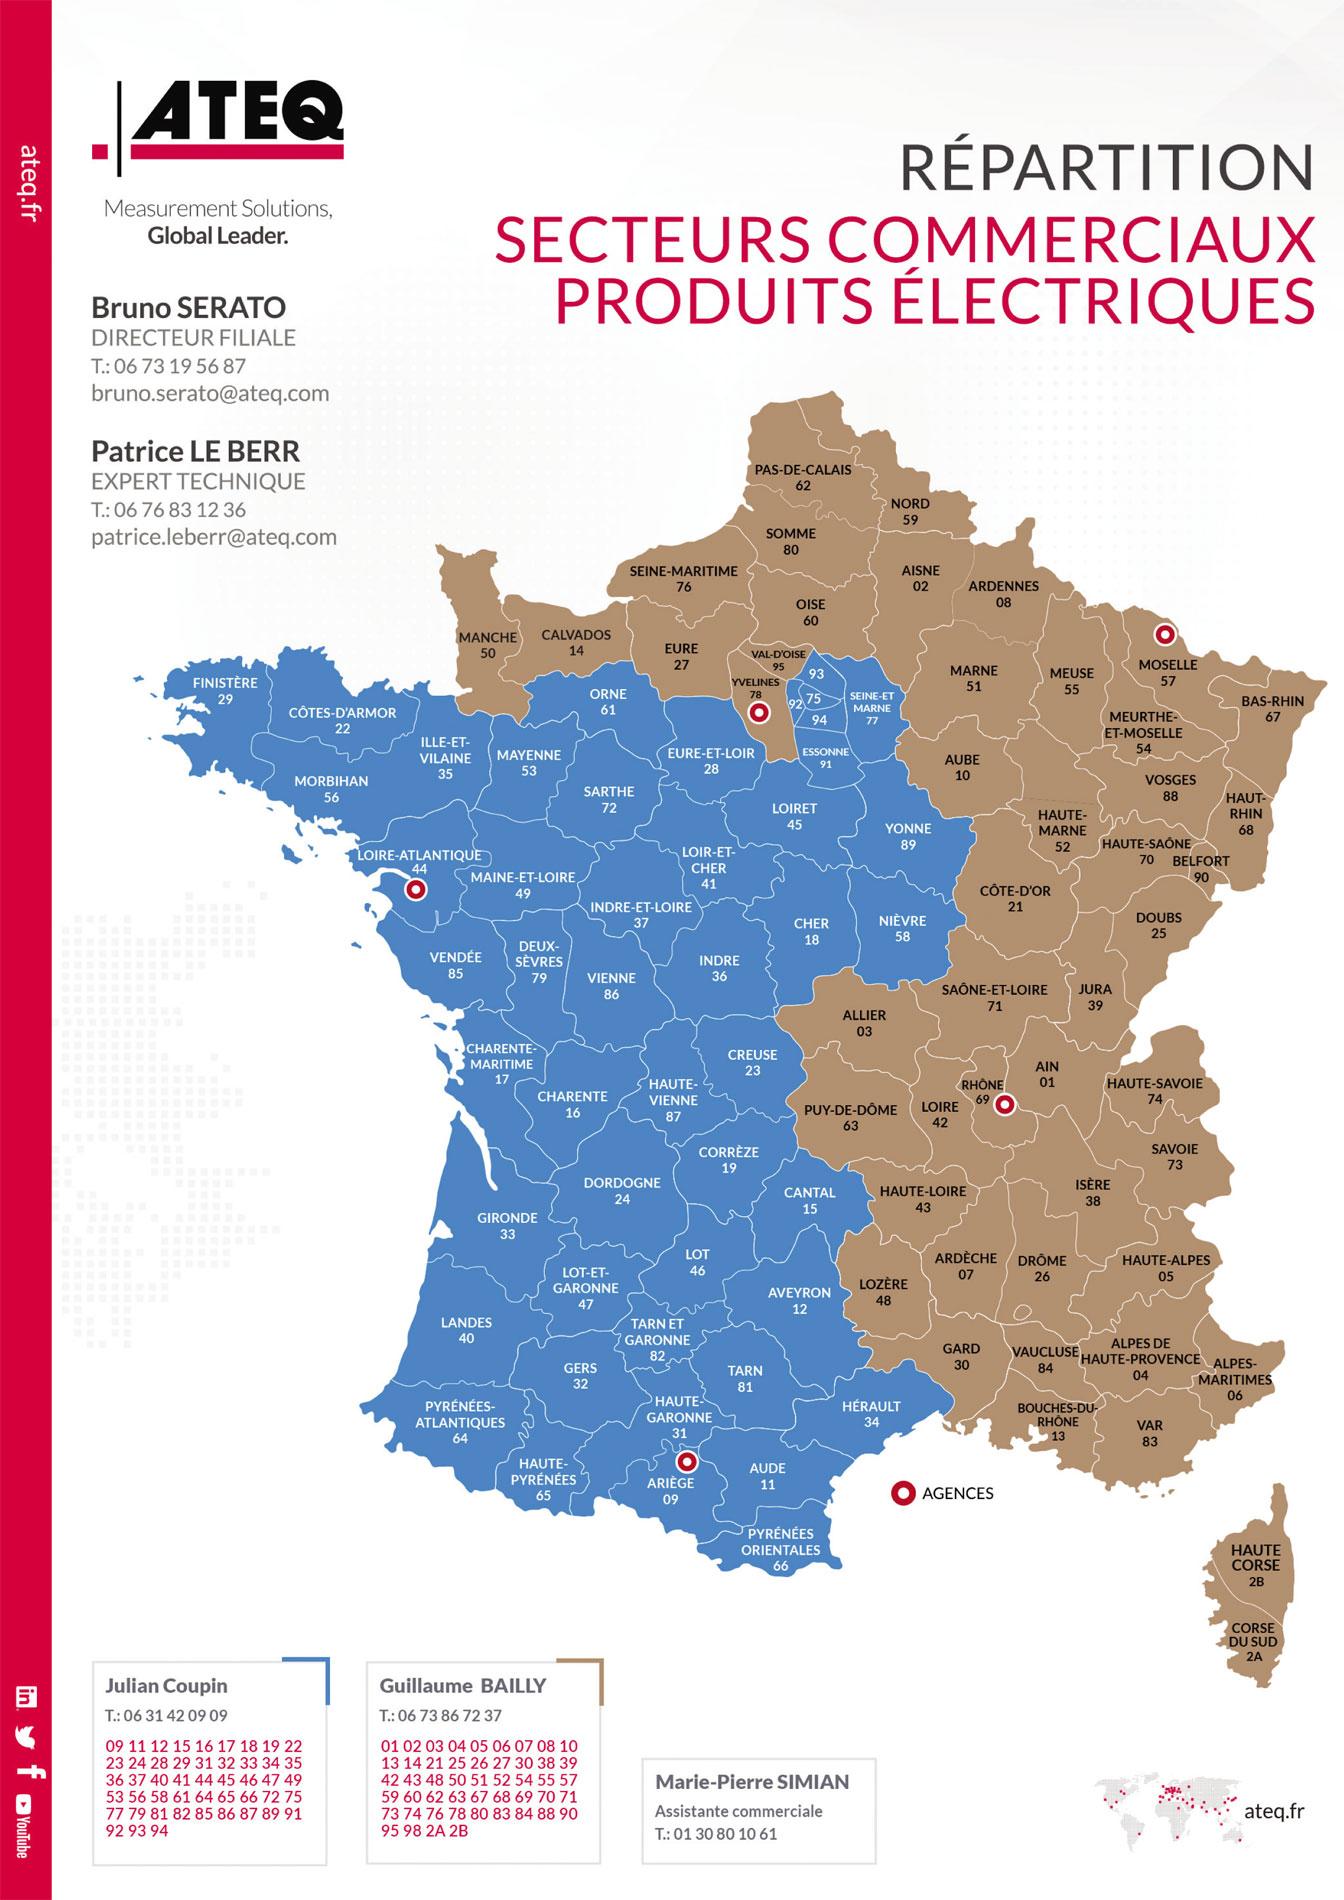 agences-ateq-france produits electriques